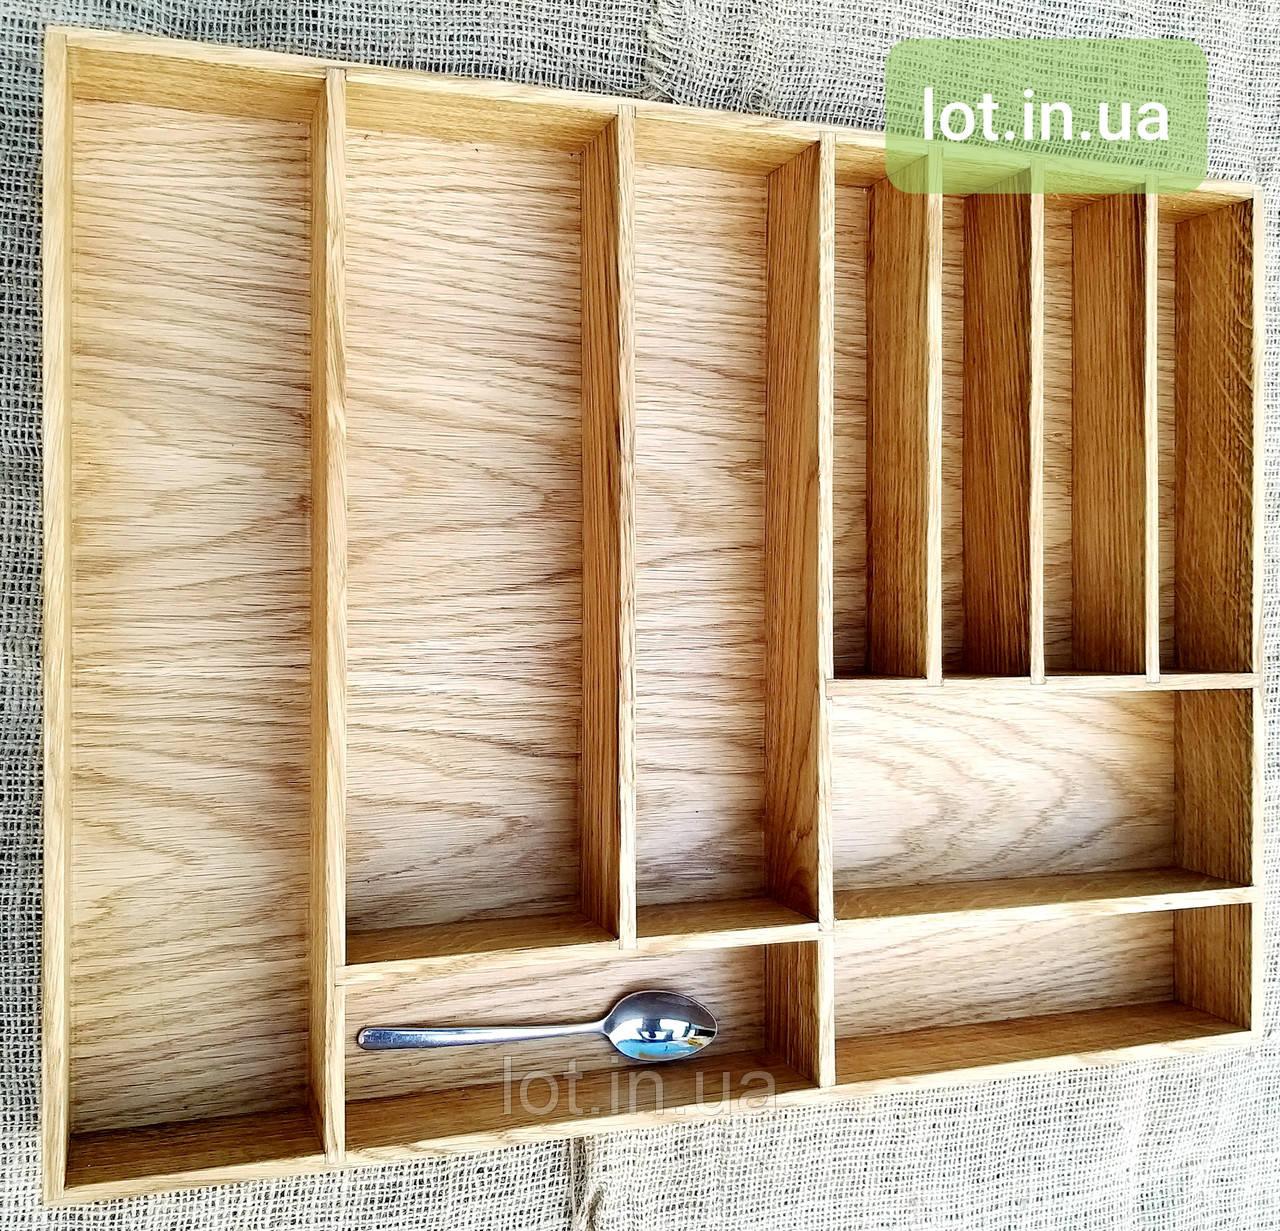 Деревянный лоток для столовых приборов Lot 210 900х400. (индивидуальные размеры)